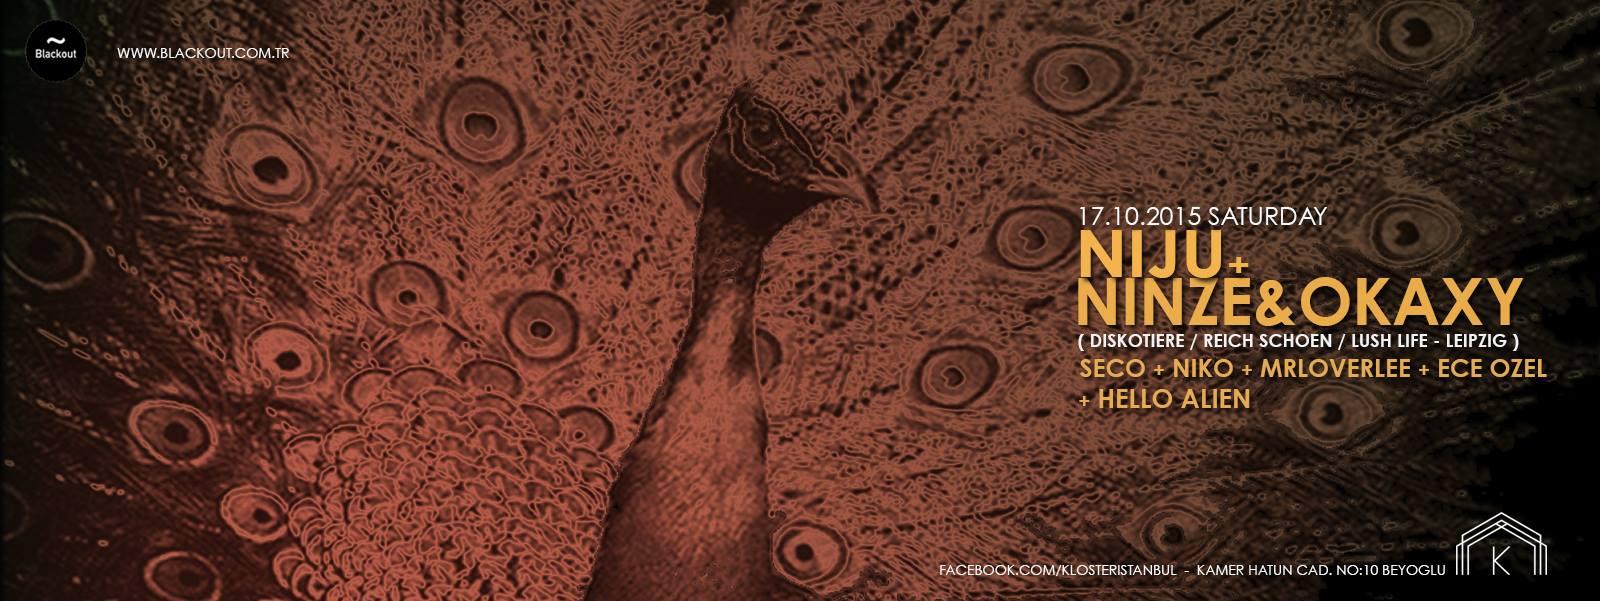 Blackout Presents, Niju + N!nze & Okaxy (LIVE) @ KLOSTER